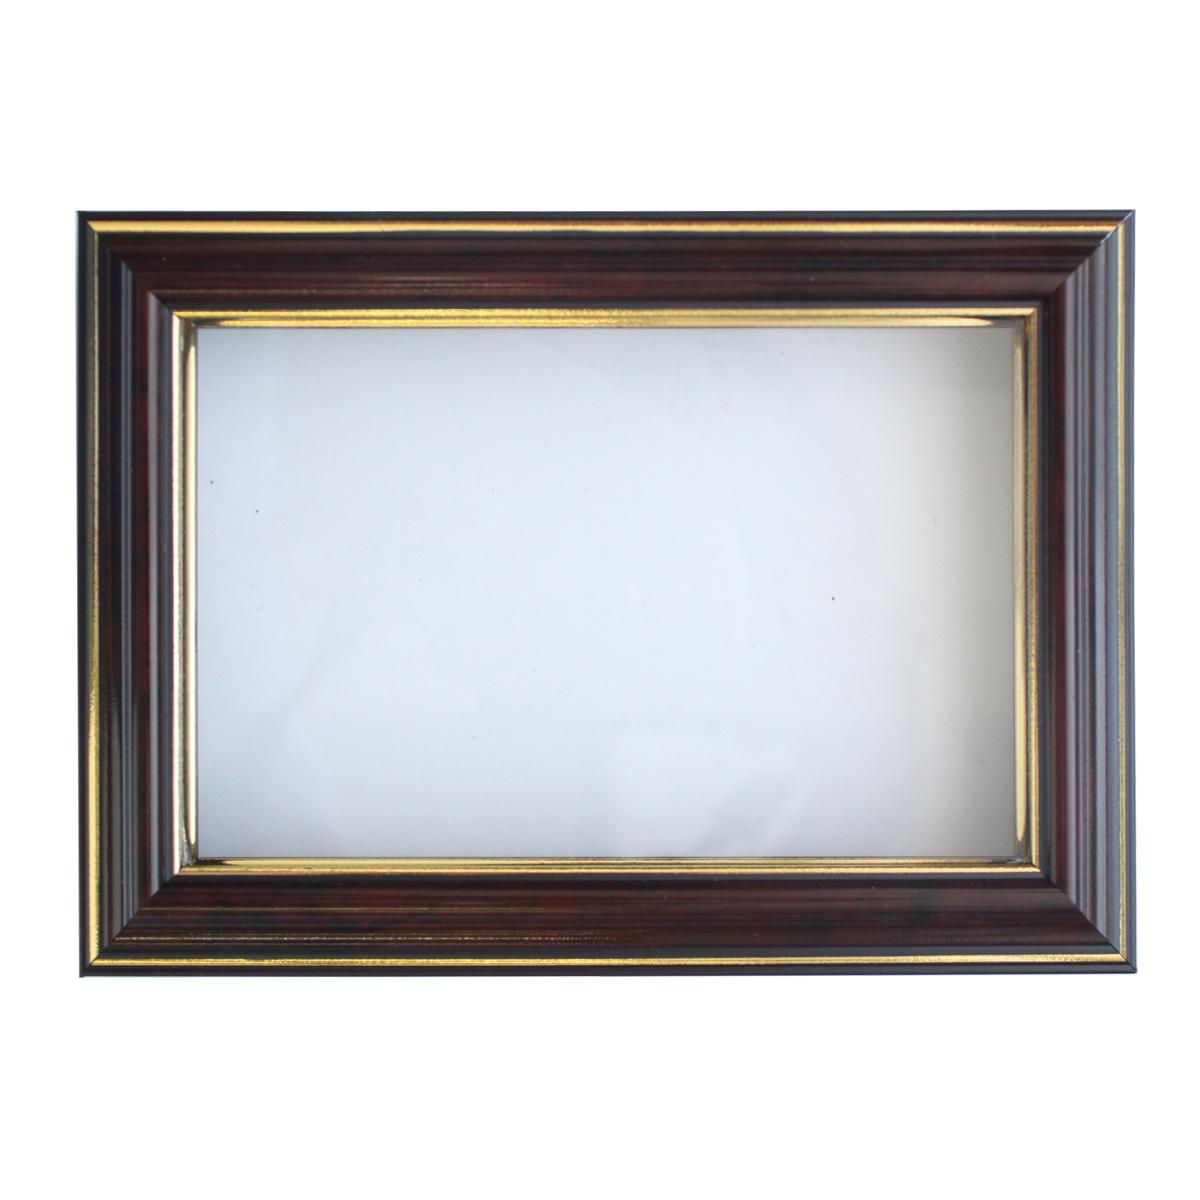 Рама (аквариум) глубокий багет со стеклом с прозрачным дном, цвет: яшма, 10х15 см. RAM111009498373Рамы предназначены для оформления картин, фотографий. Обрамленные такой рамкой работы, сразу же преображаются и приобретают завершенный вид.